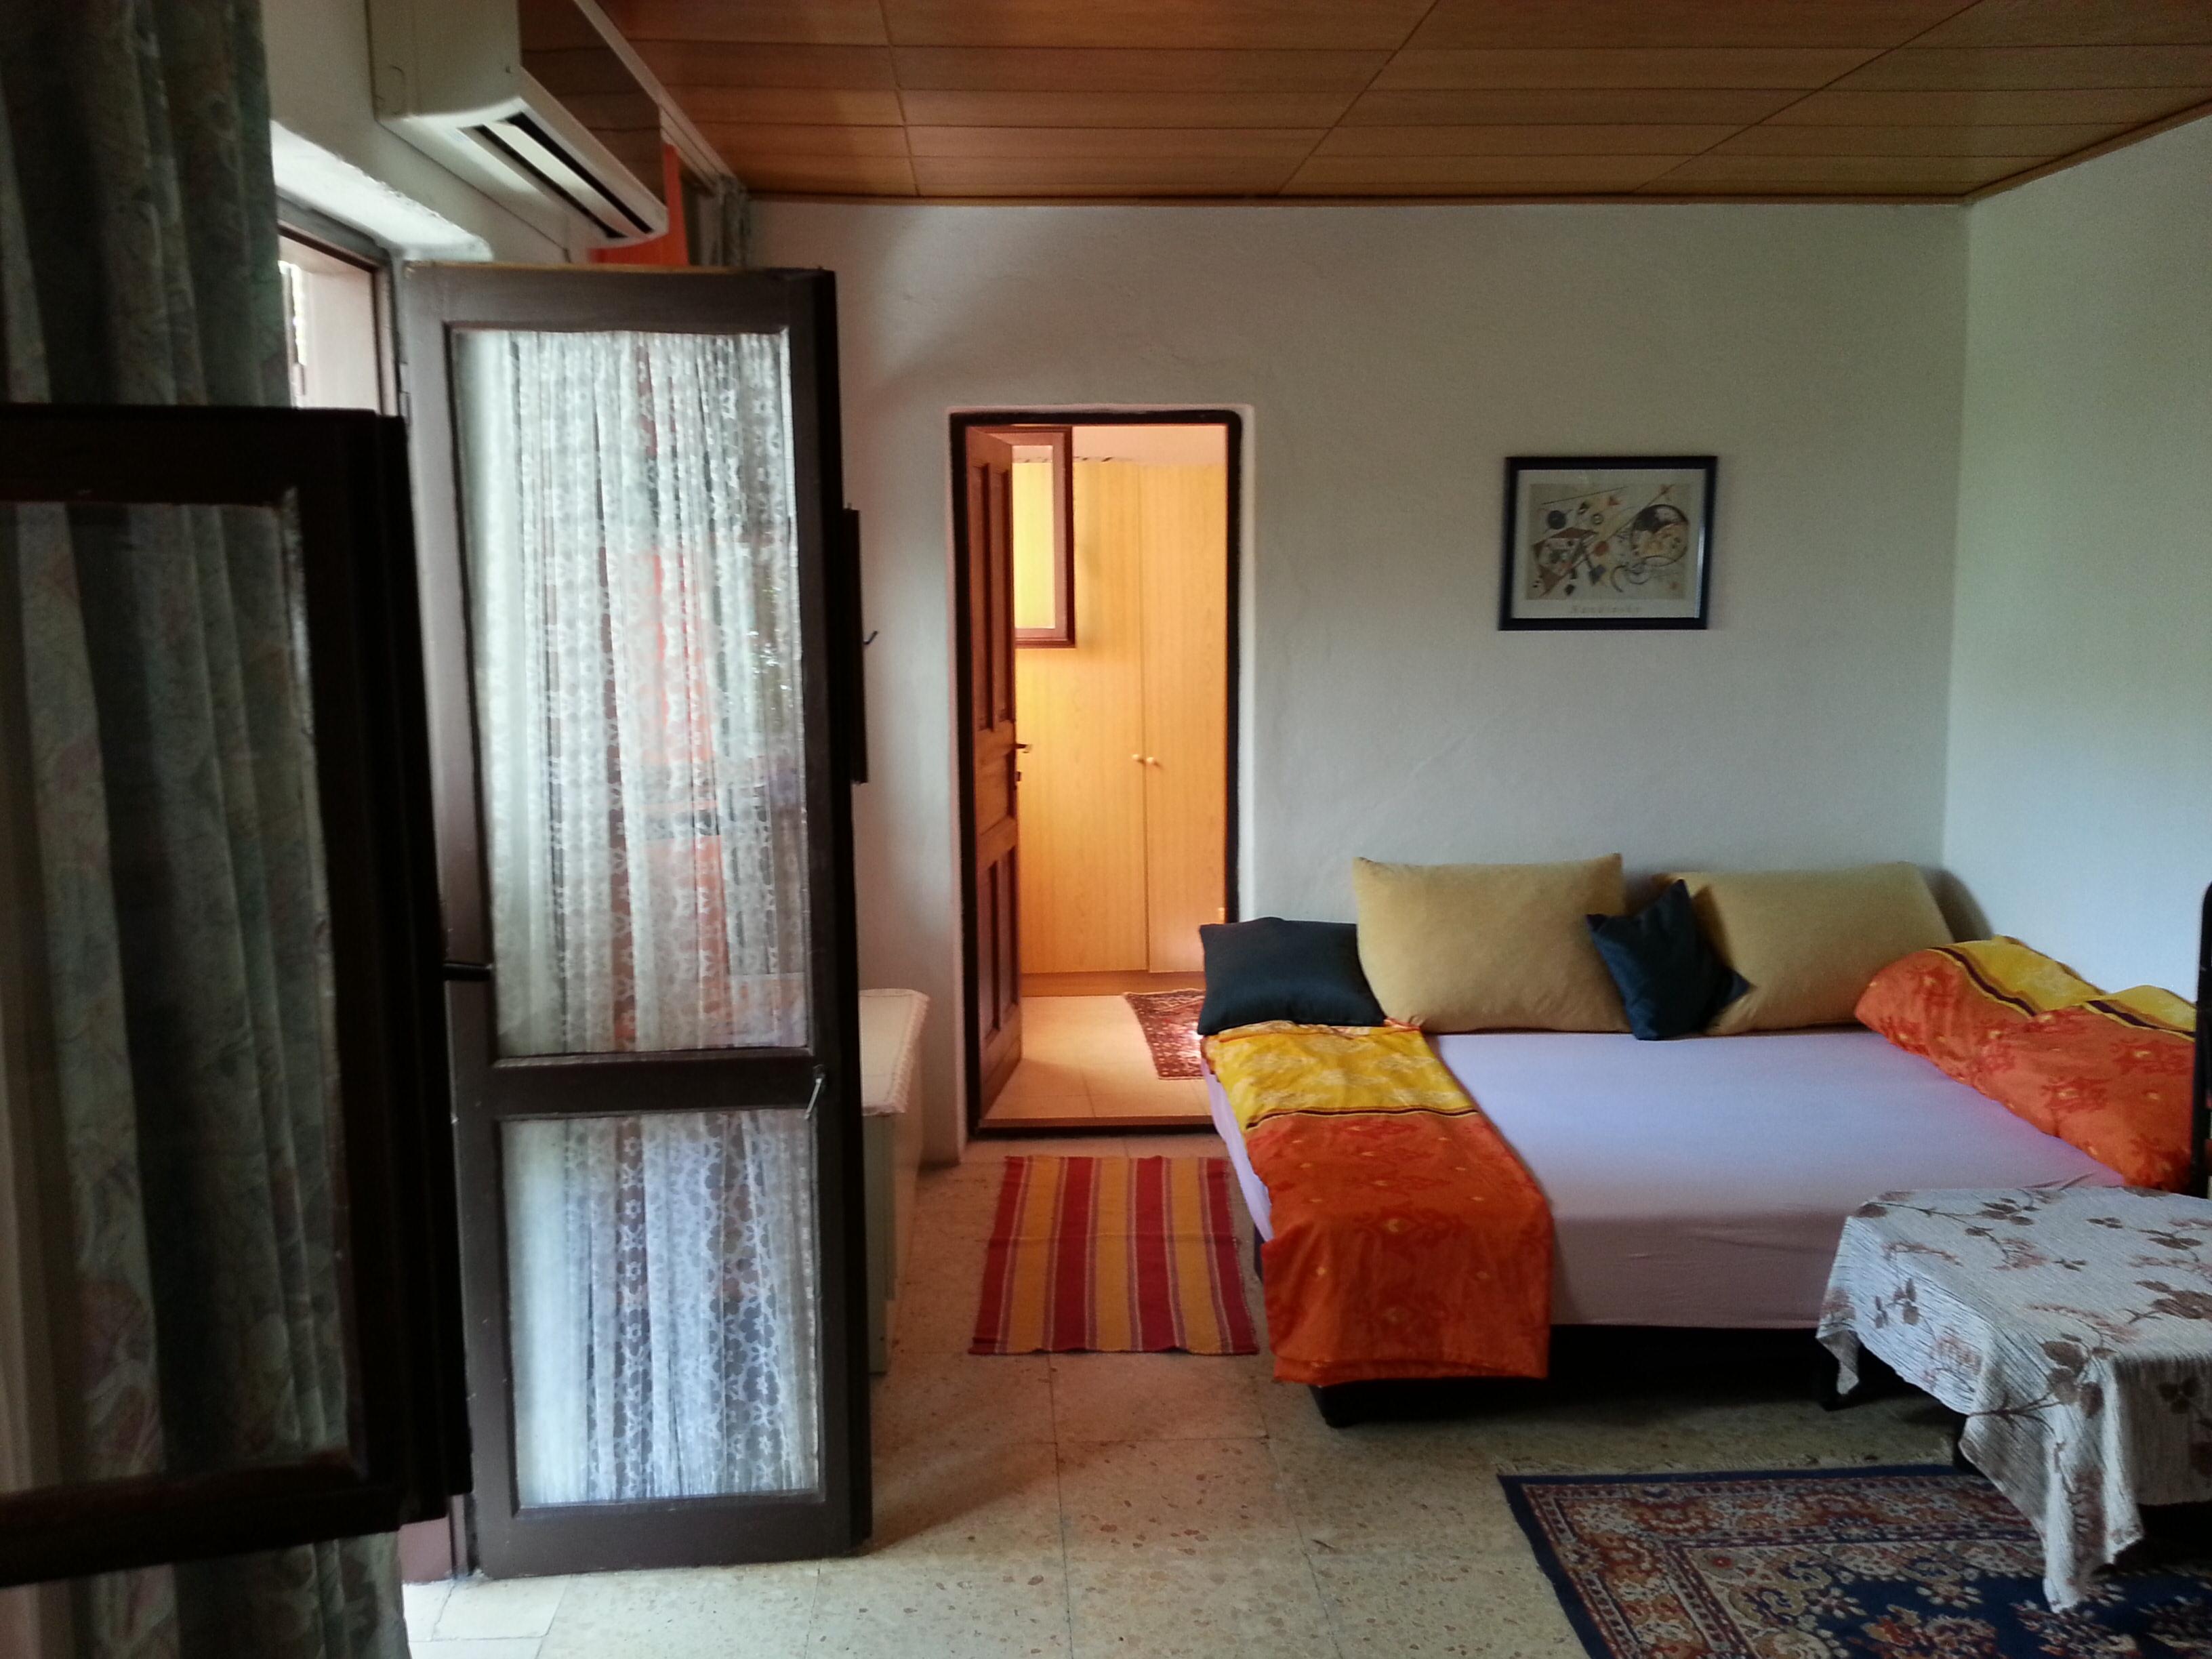 Wohnzimmer mit Schlafcouch und Hilfsbett